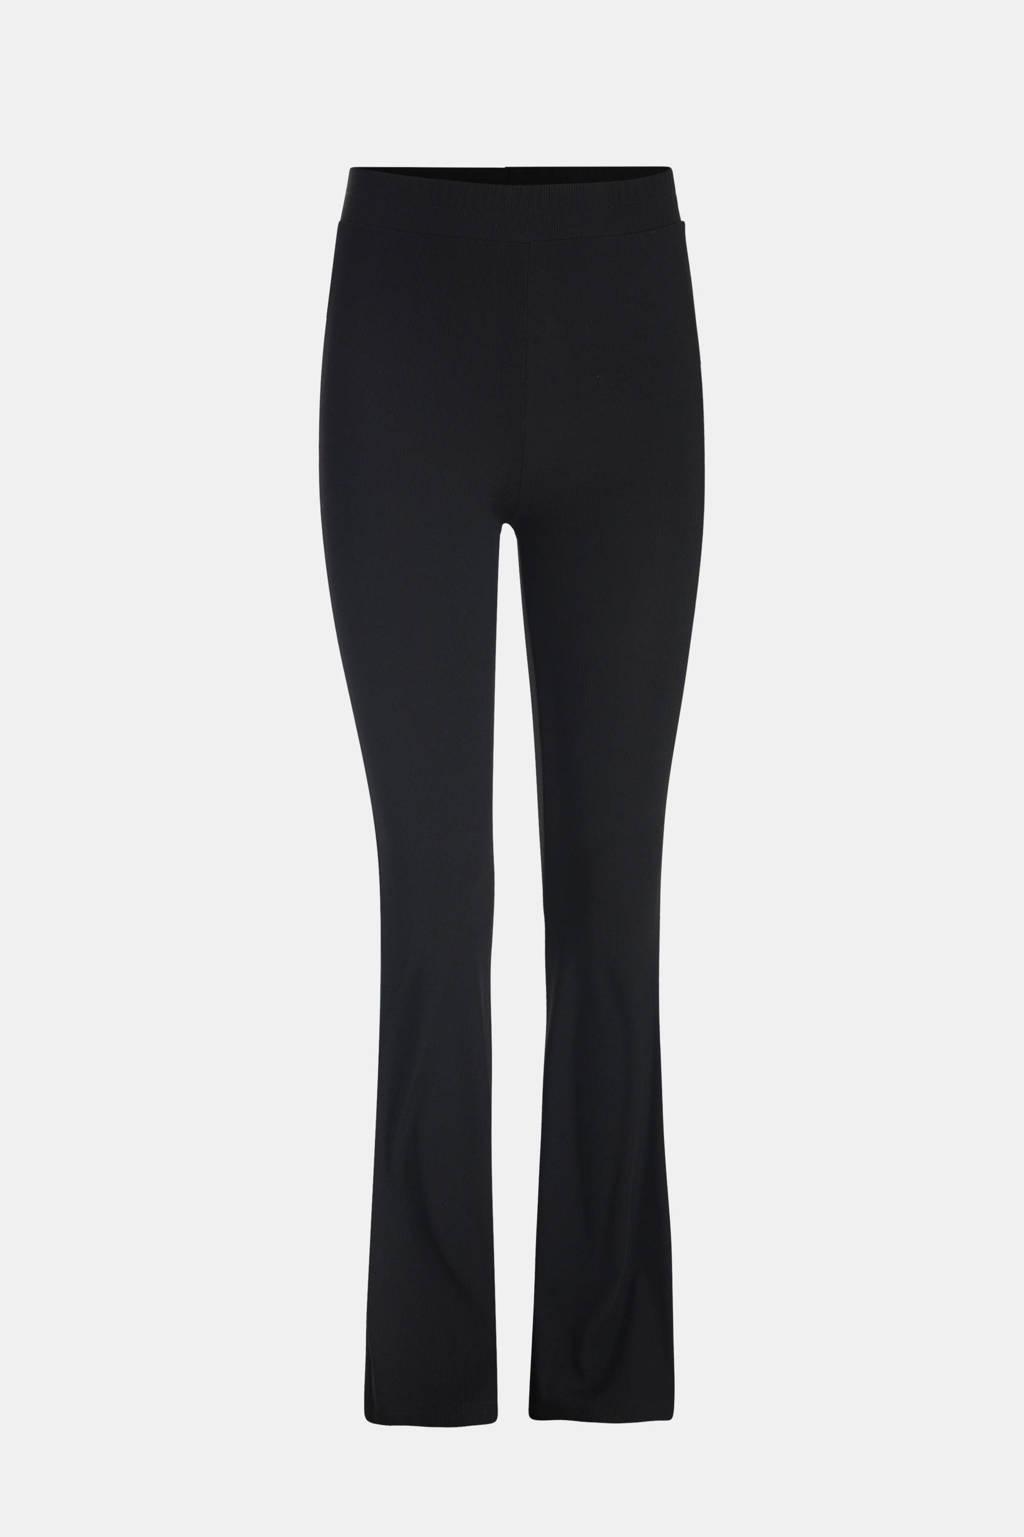 Shoeby Jill & Mitch high waist flared broek Ribby zwart, Zwart